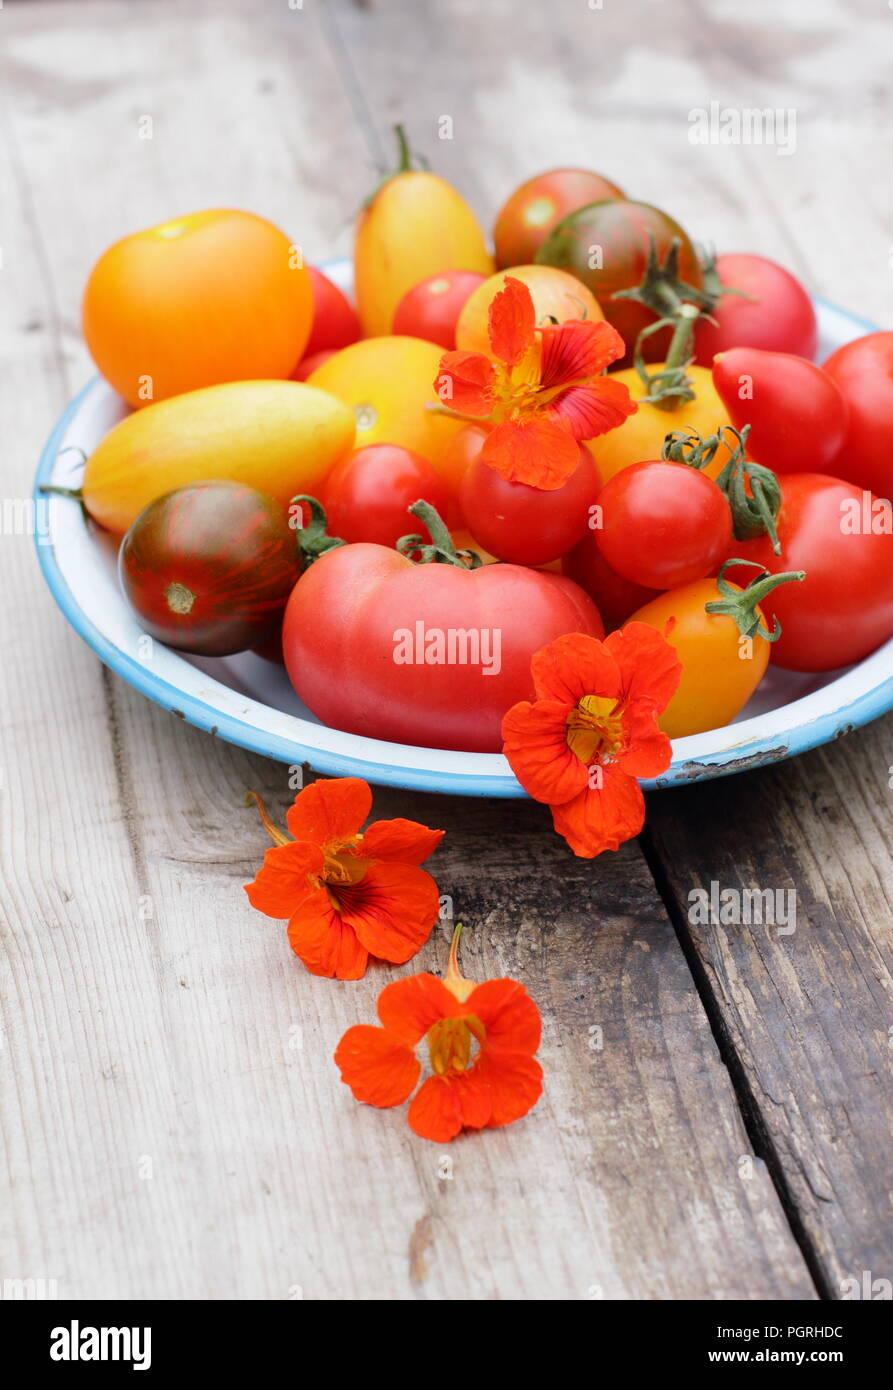 Solanum Lycopersicum. Frisch geernteten Sorten homegrown heirloom Tomaten mit essbaren Blüten, Kapuzinerkresse und Rosmarin in Emaille Schüssel Stockbild